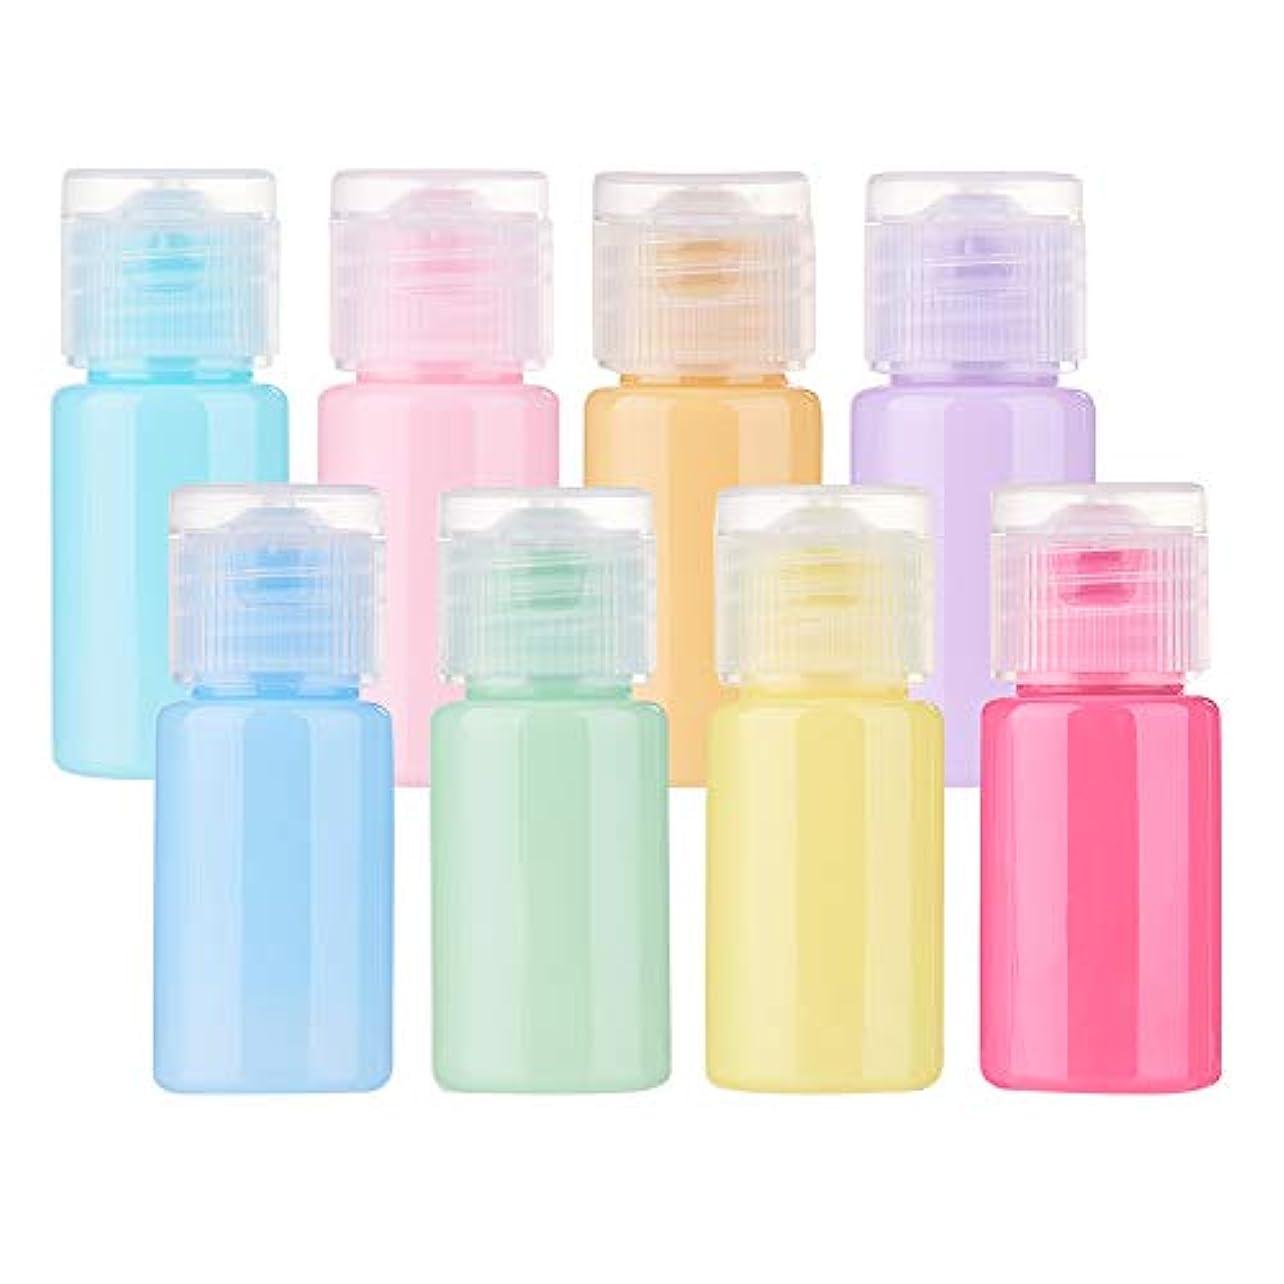 兄弟愛どちらか画家BENECREAT 24個セット10mlマカロン色ボトル カラフルボトル プラスチック製 フリップキャップ クリーム 化粧品小分け 旅行 詰め替え容器